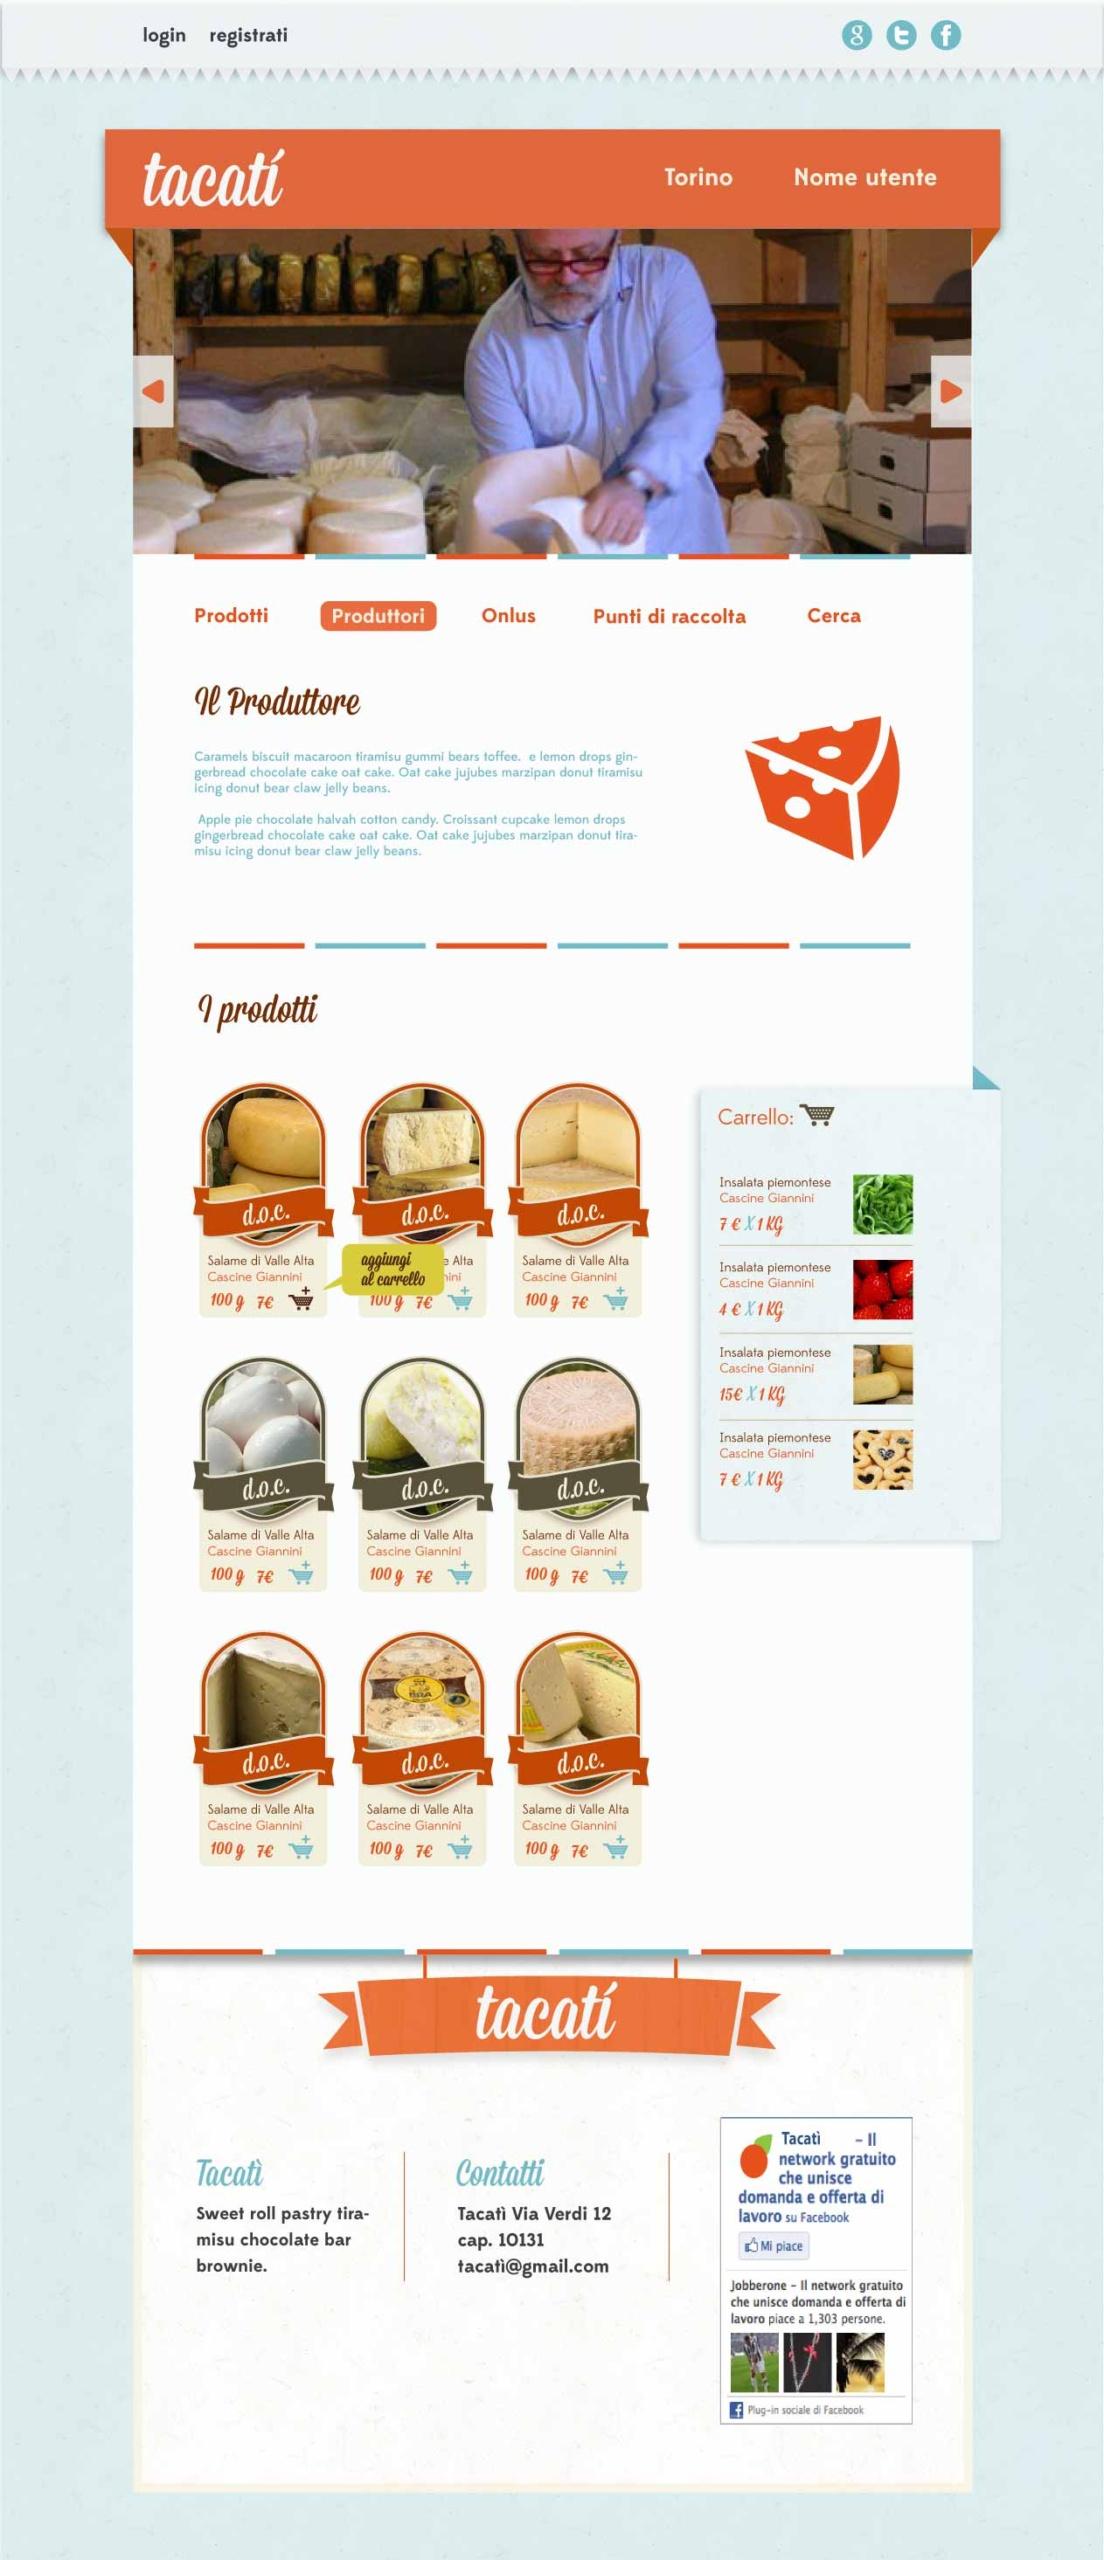 cammilleri, manuela, manuelacammilleri, torino, turin, piemonte, graphic, grafica, ux, ui, design, web, website